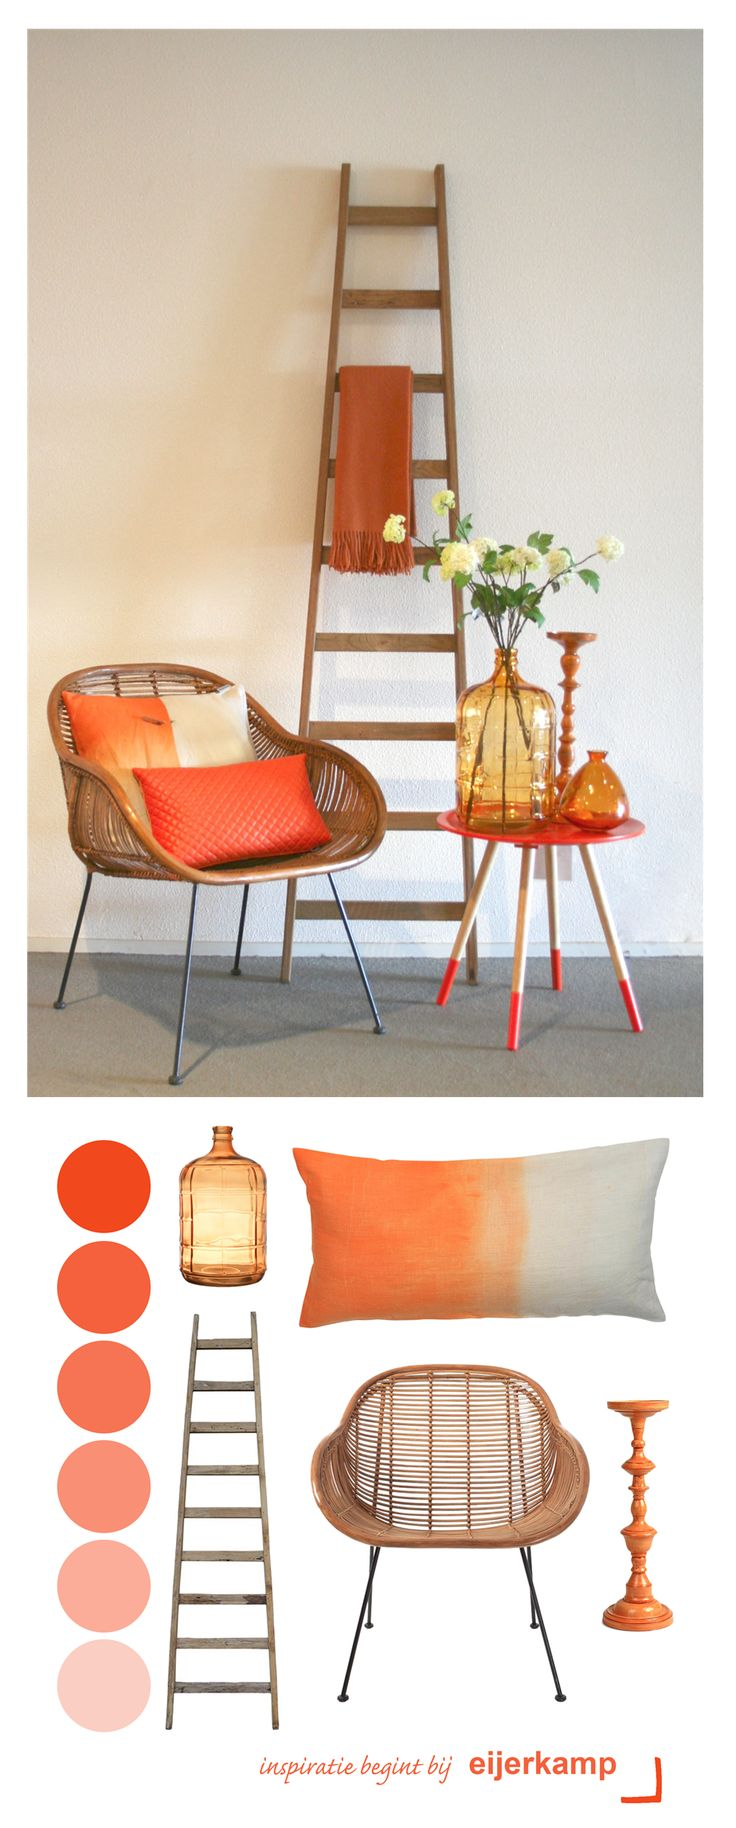 Haal de kleur oranje in huis! Oranje geeft je interieur een harmonische en zachte uitstraling. Gecombineerd met houten materialen is oranje voor elk seizoen! <3 Eijerkamp